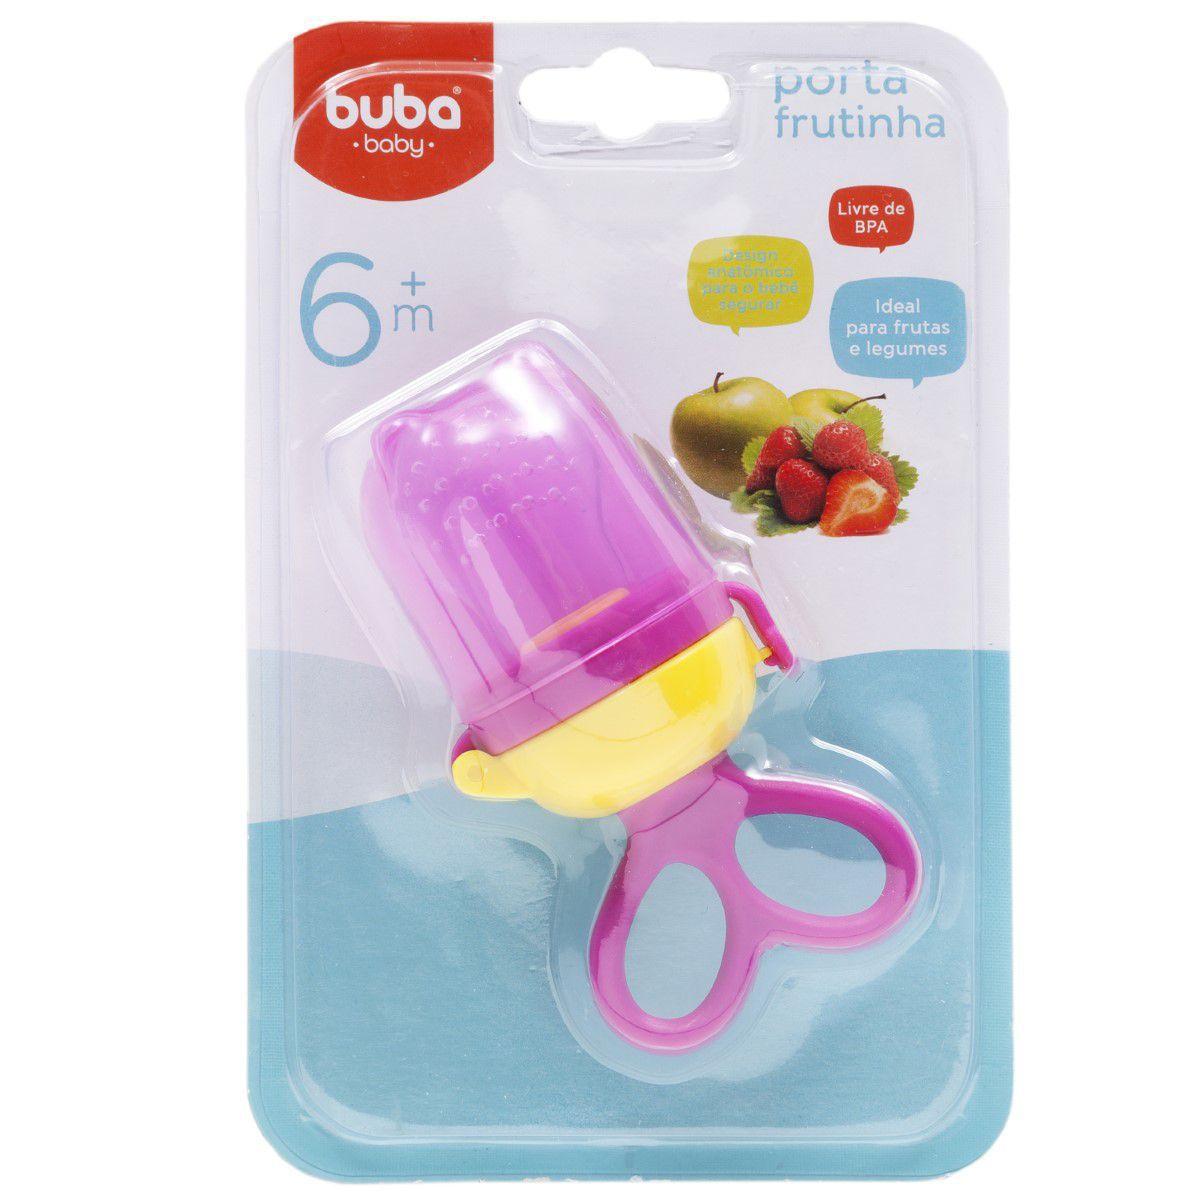 Porta Frutinha Rosa Regulagem Chupeta Silicone Alimentador Frutinhas E Legumes Alimentadora Rosa para seu Bebe.